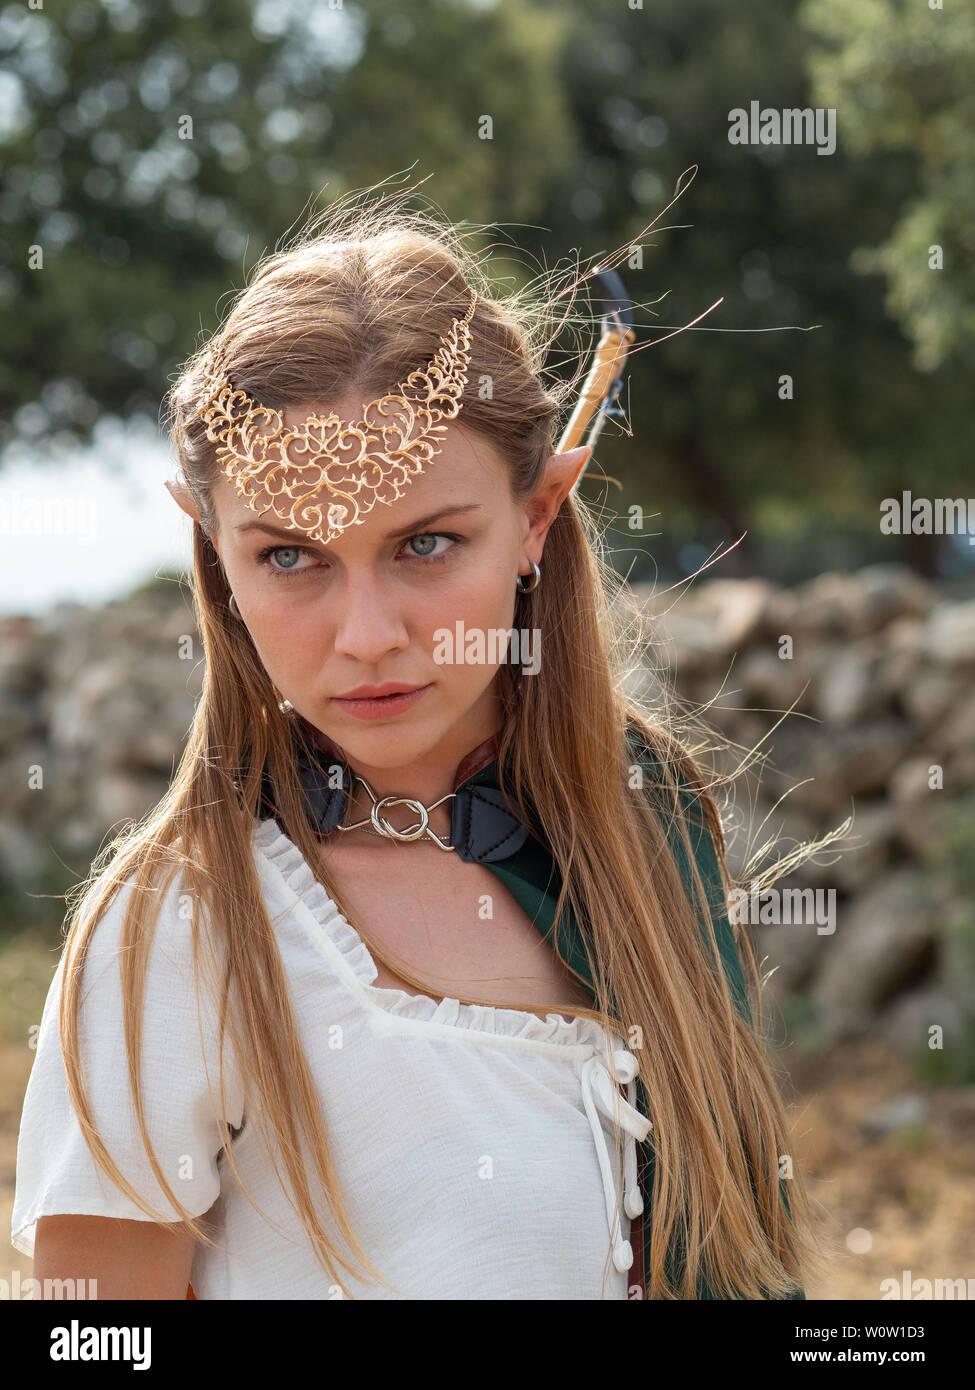 Ragazza bionda con gli occhi blu e il trucco con elf orecchie pone nel campo con un inchino e un capo verde. Immagini Stock